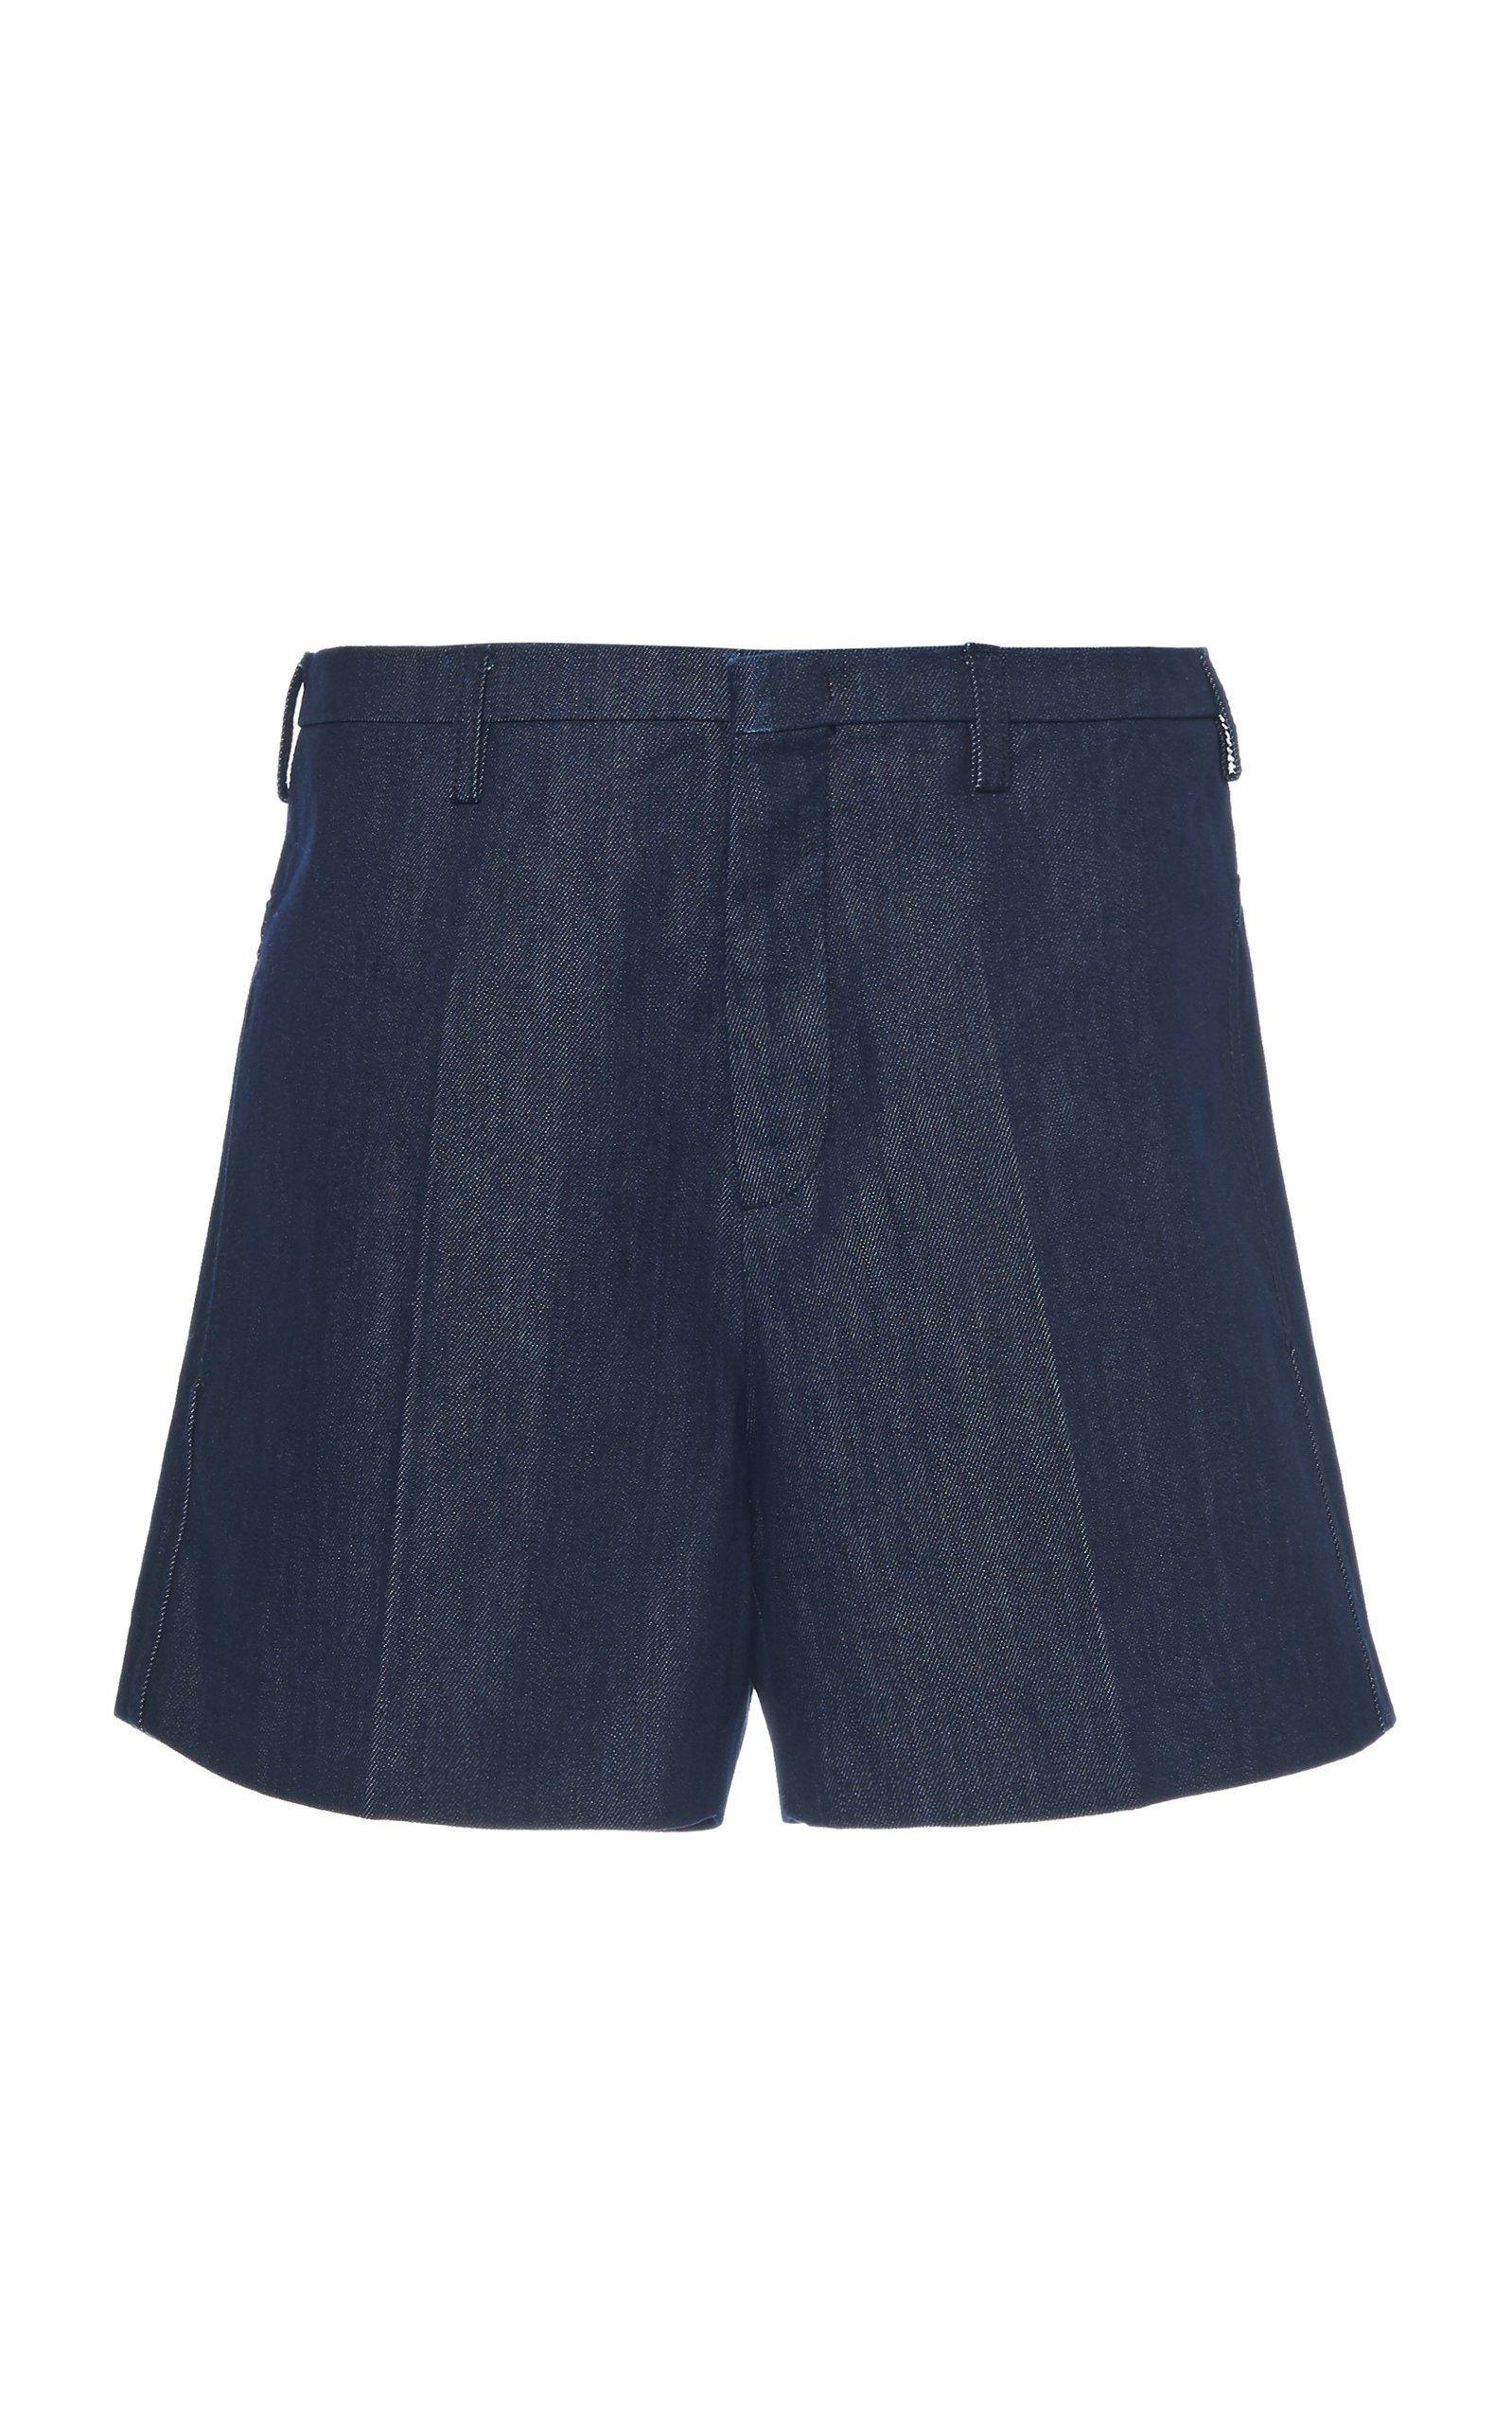 N°21 Mid-Rise Denim Shorts Size: 44